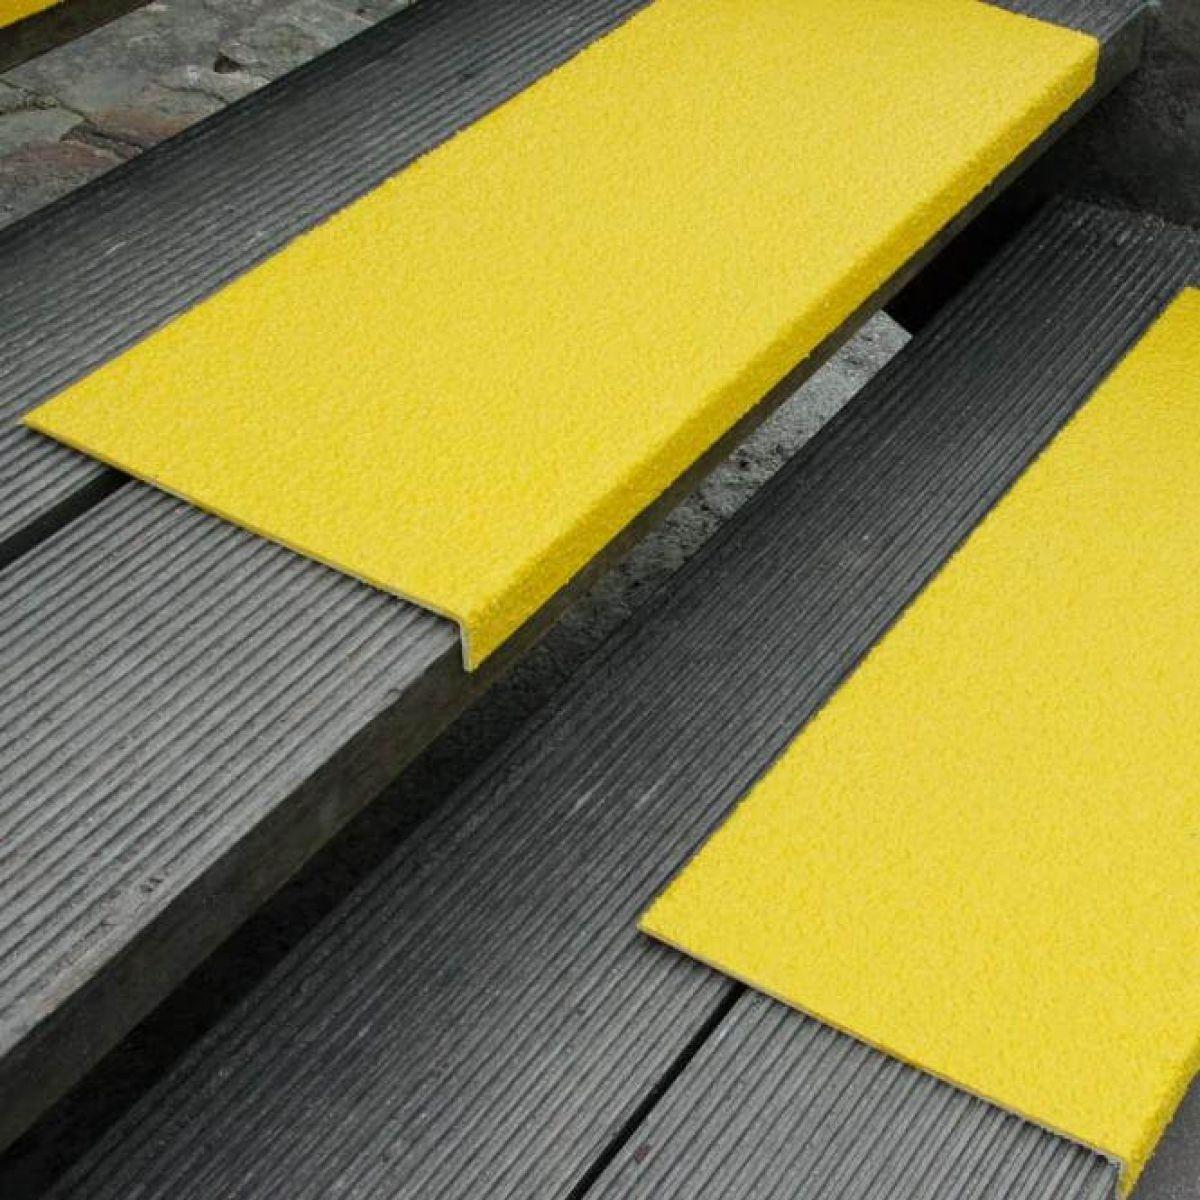 Противоскользящая накладка с углом, крупное зерно, желтый цвет